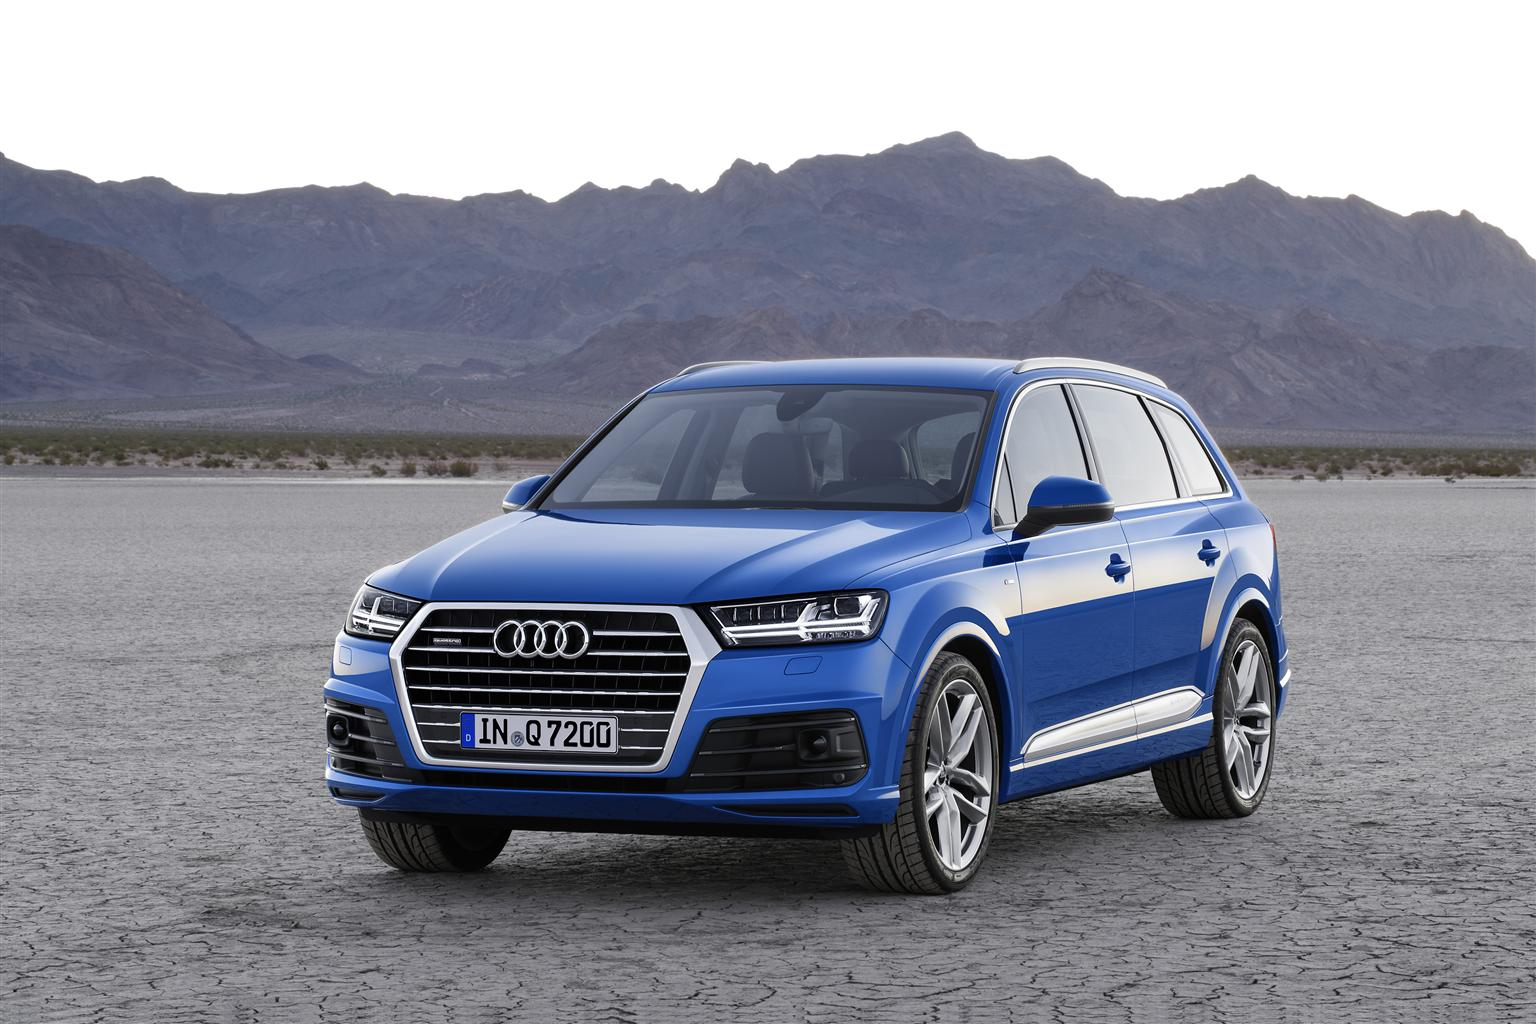 La nuova Audi Q7 Sportività, efficienza e comfort ai massimi livelli - image 002284-000021706 on http://auto.motori.net